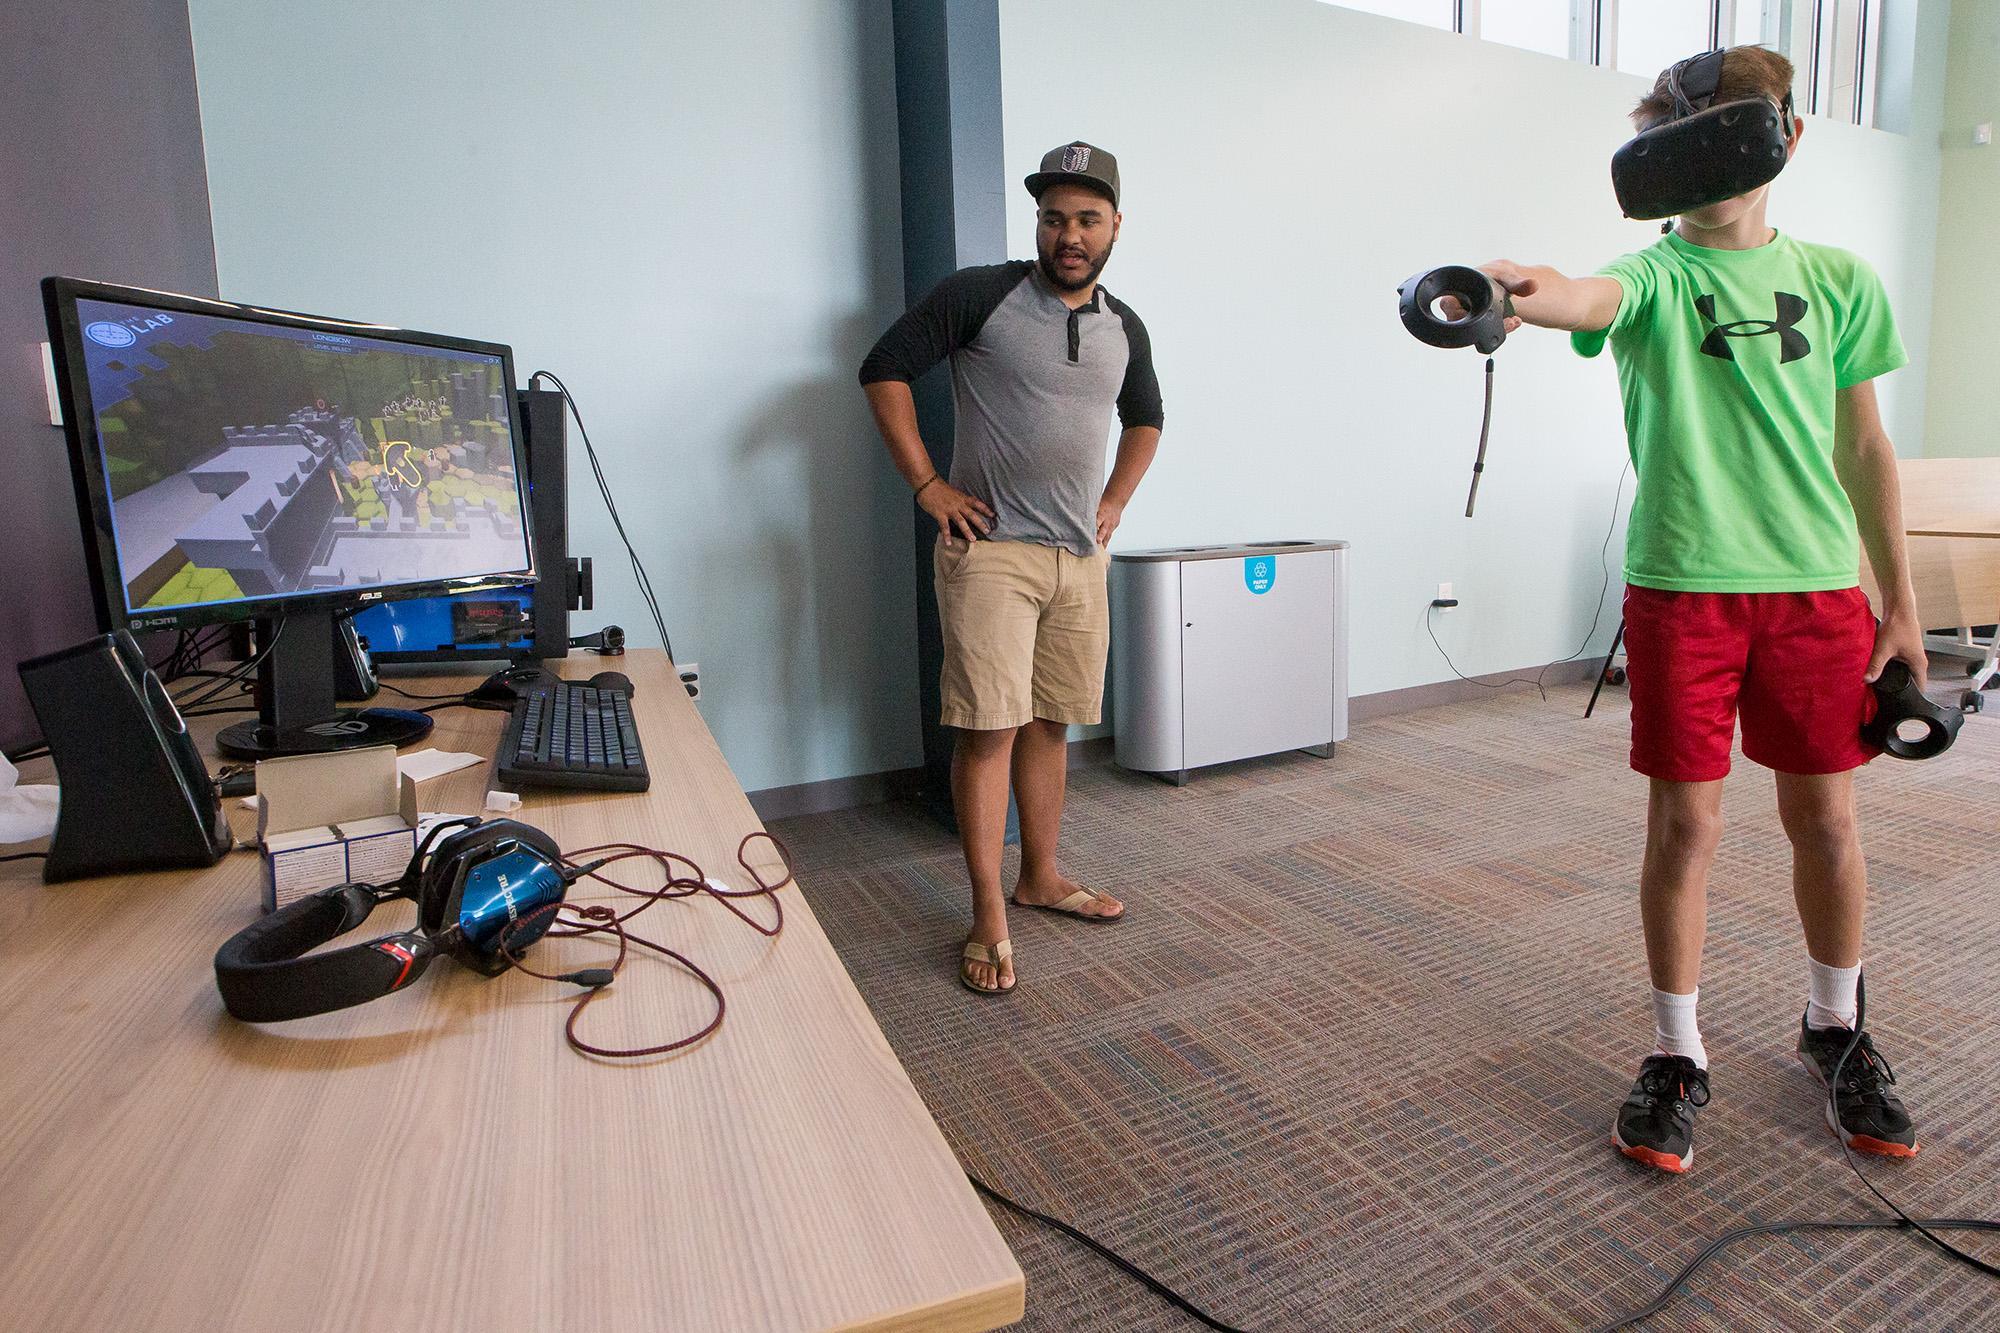 Virtual reality comes to life